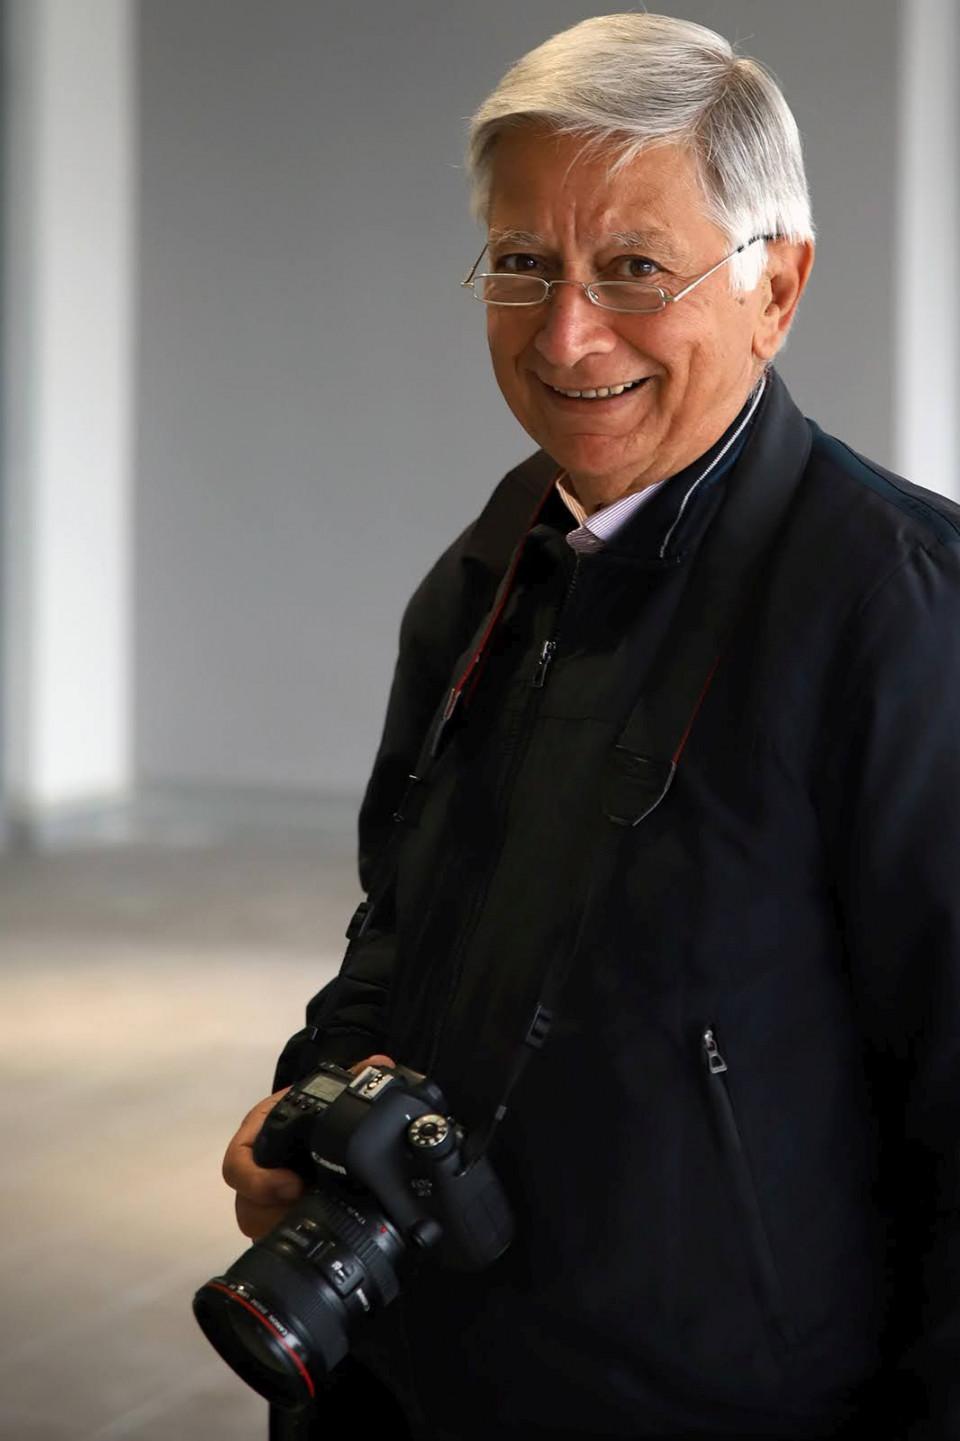 Circolo Fotografico Calderarese - Salvatore Lumia